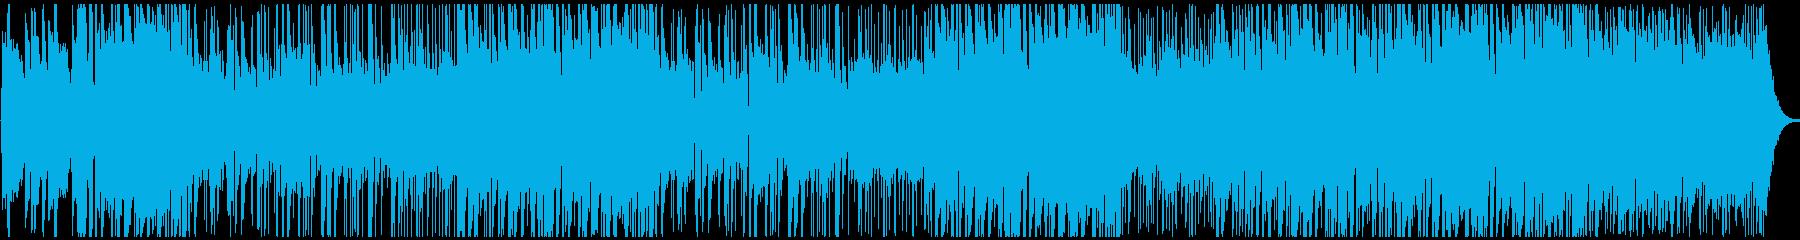 新世紀エレクトロニクス アンビエン...の再生済みの波形